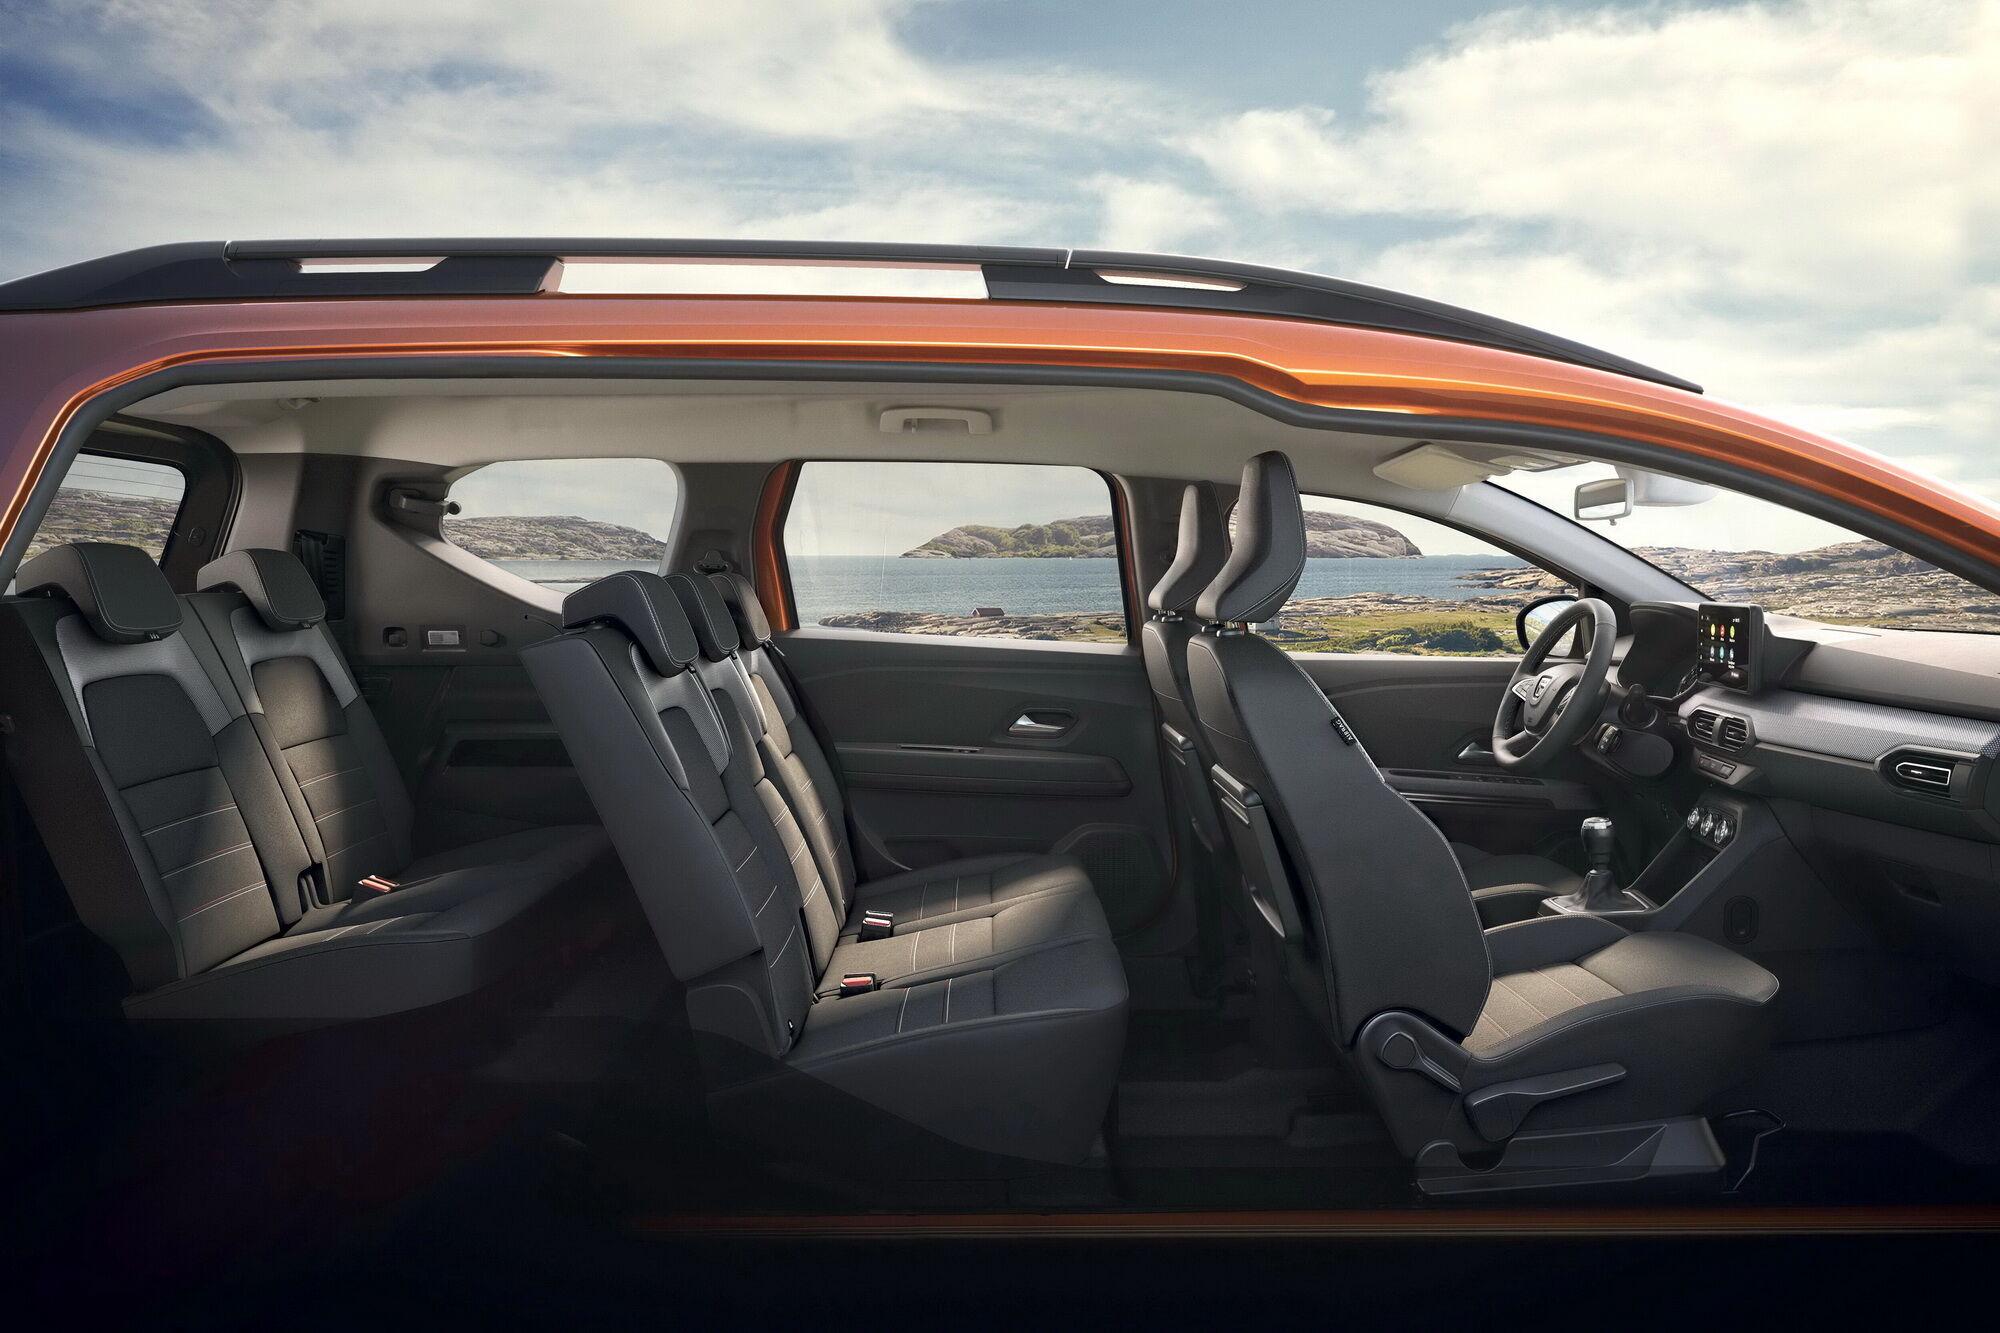 Автомобіль має просторий салон та місткий багажник